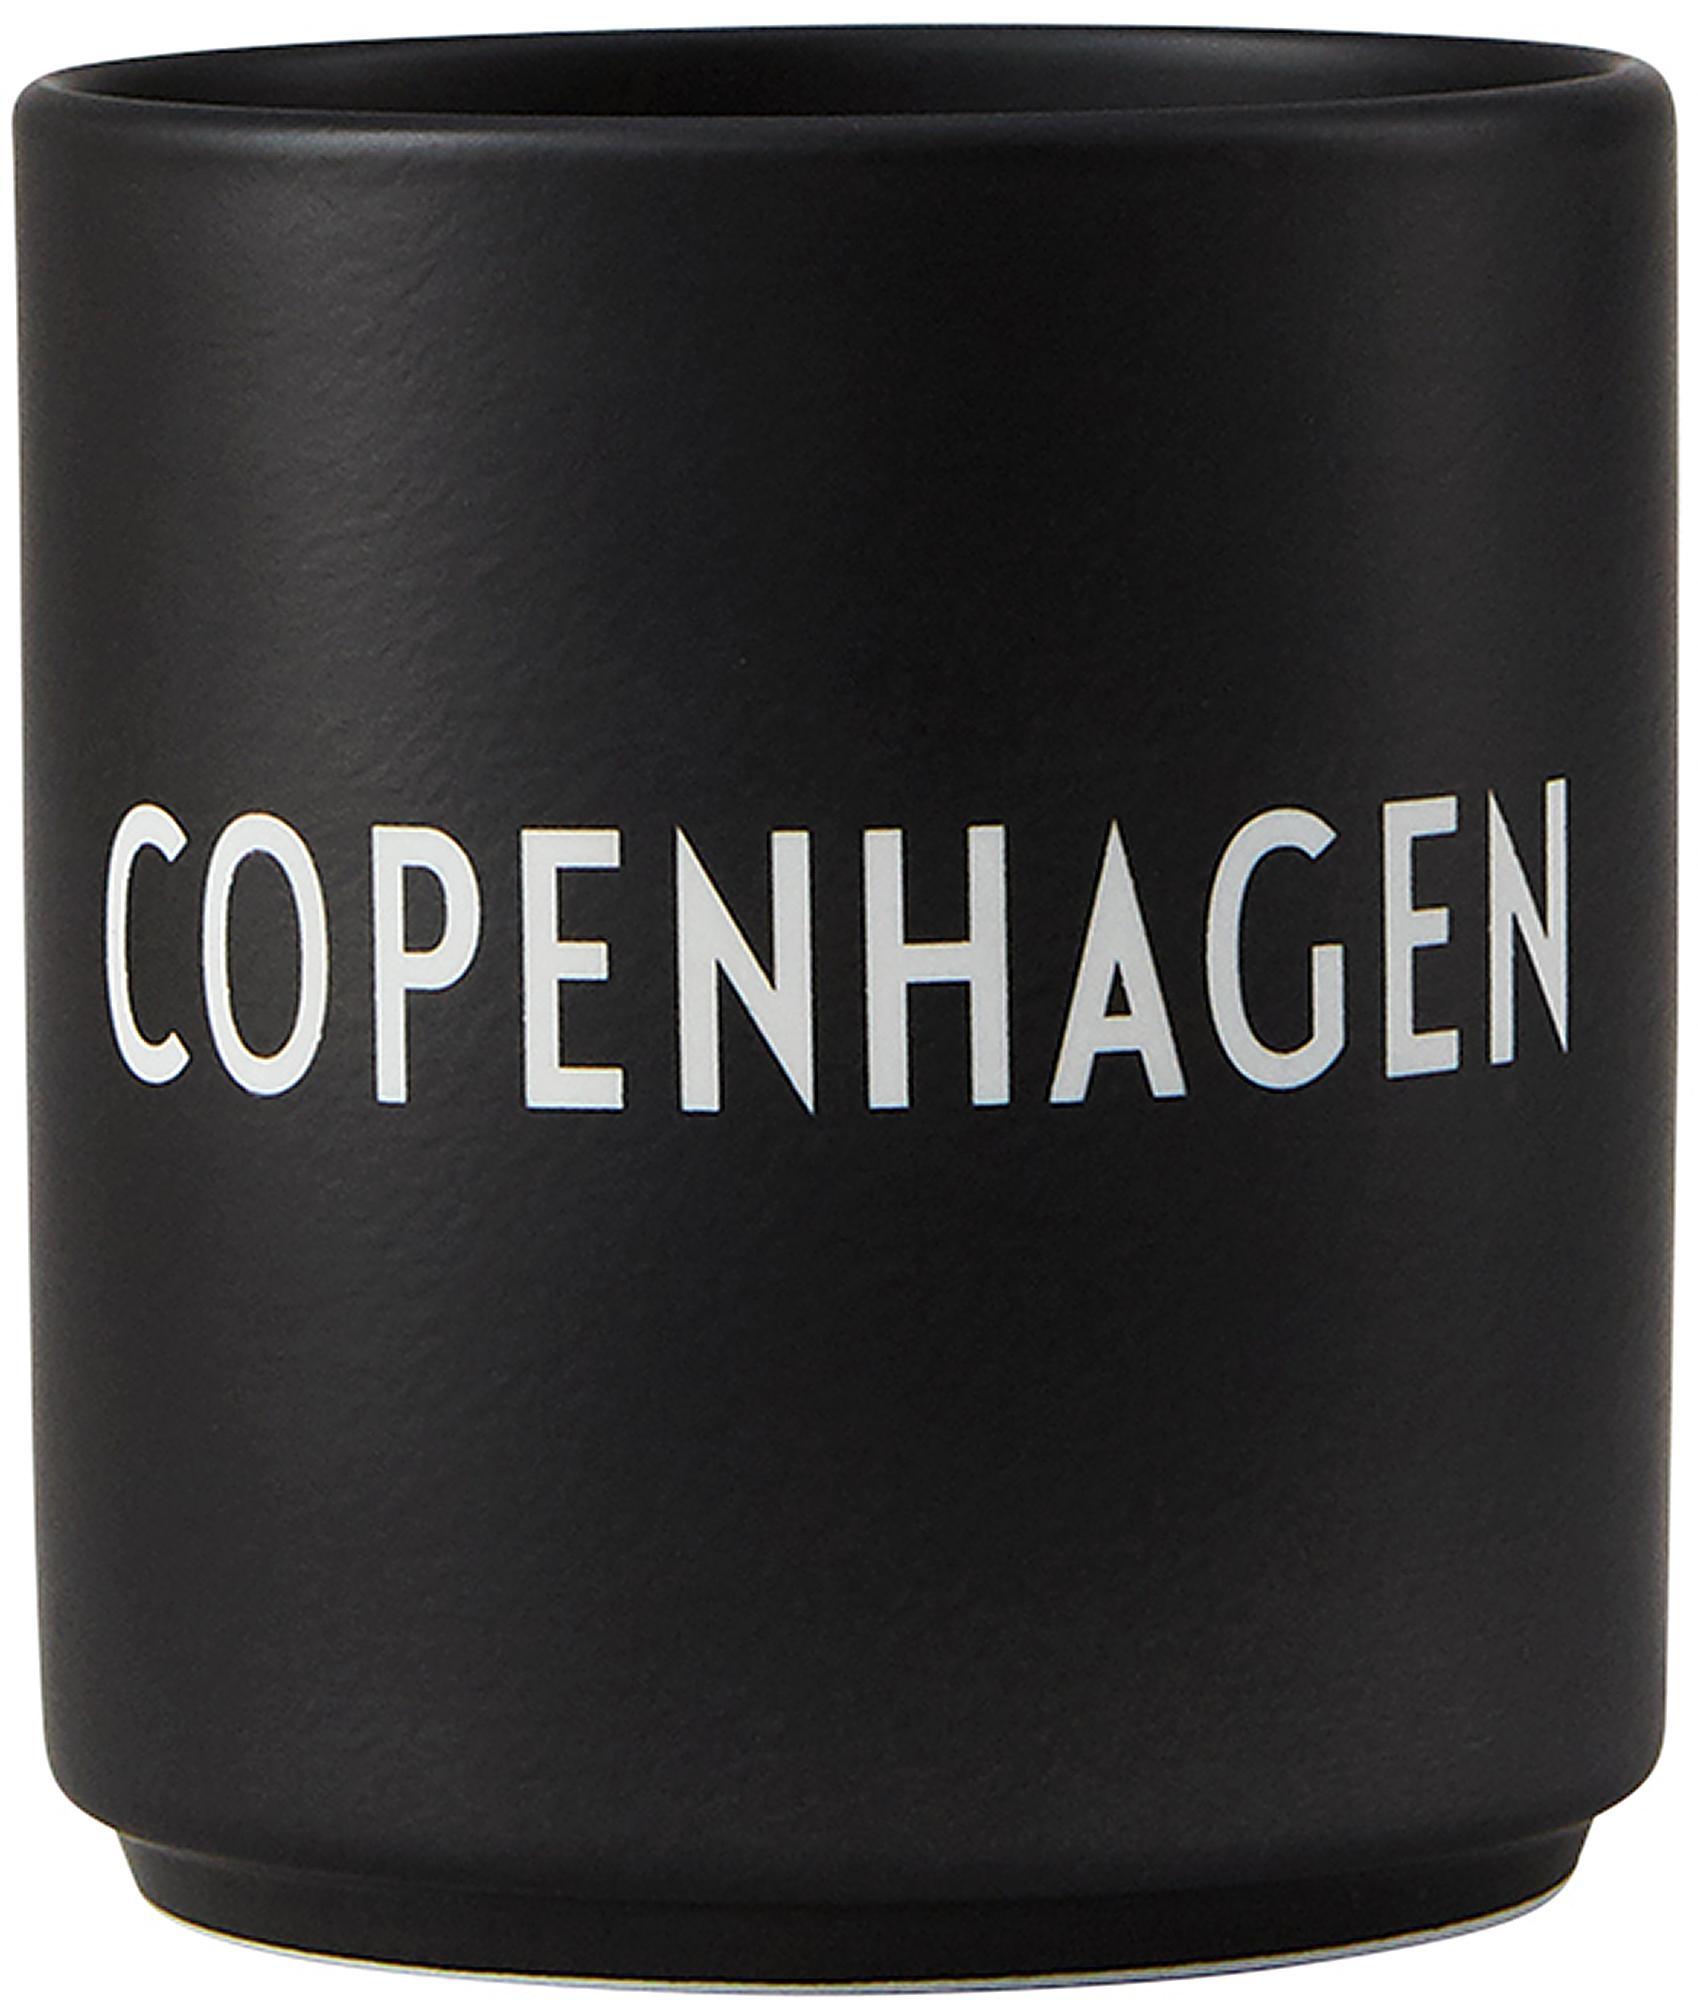 Kubek Favourite COPENHAGEN, Porcelana chińska, Czarny, biały, Ø 8 x W 9 cm